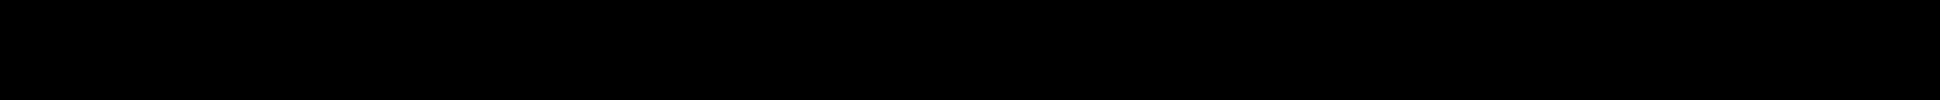 Ayê Acessórios - Moda Afro - Banner Tarja